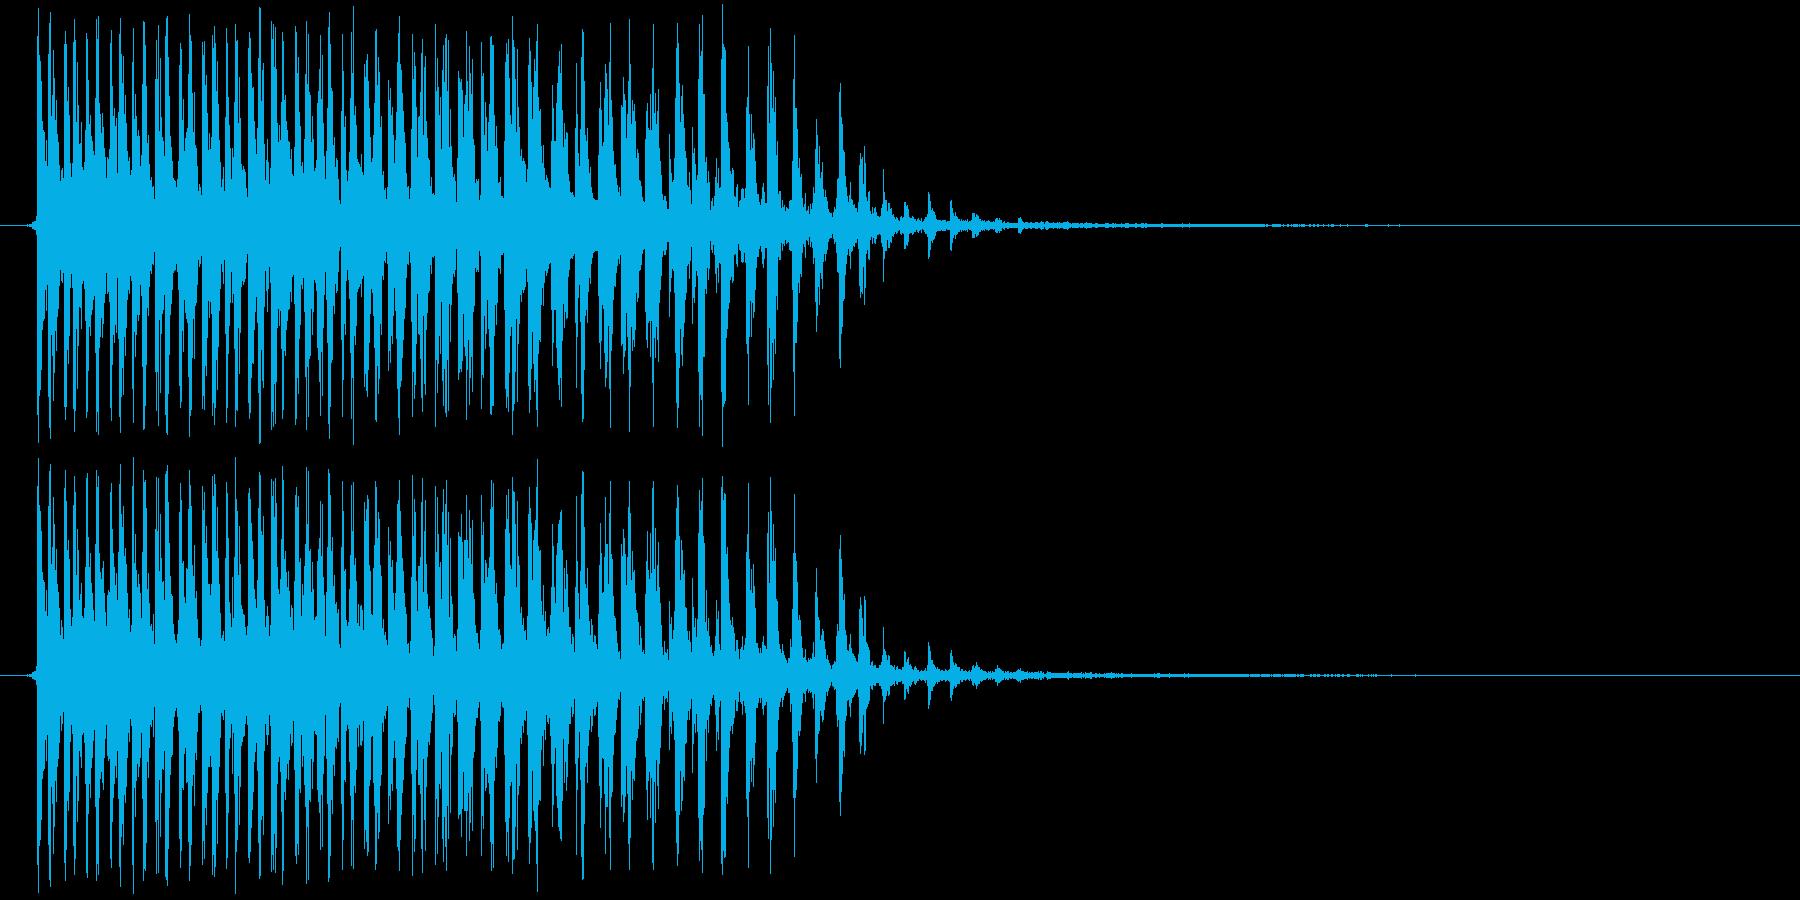 カー(ビブラスラップ、生音)の再生済みの波形